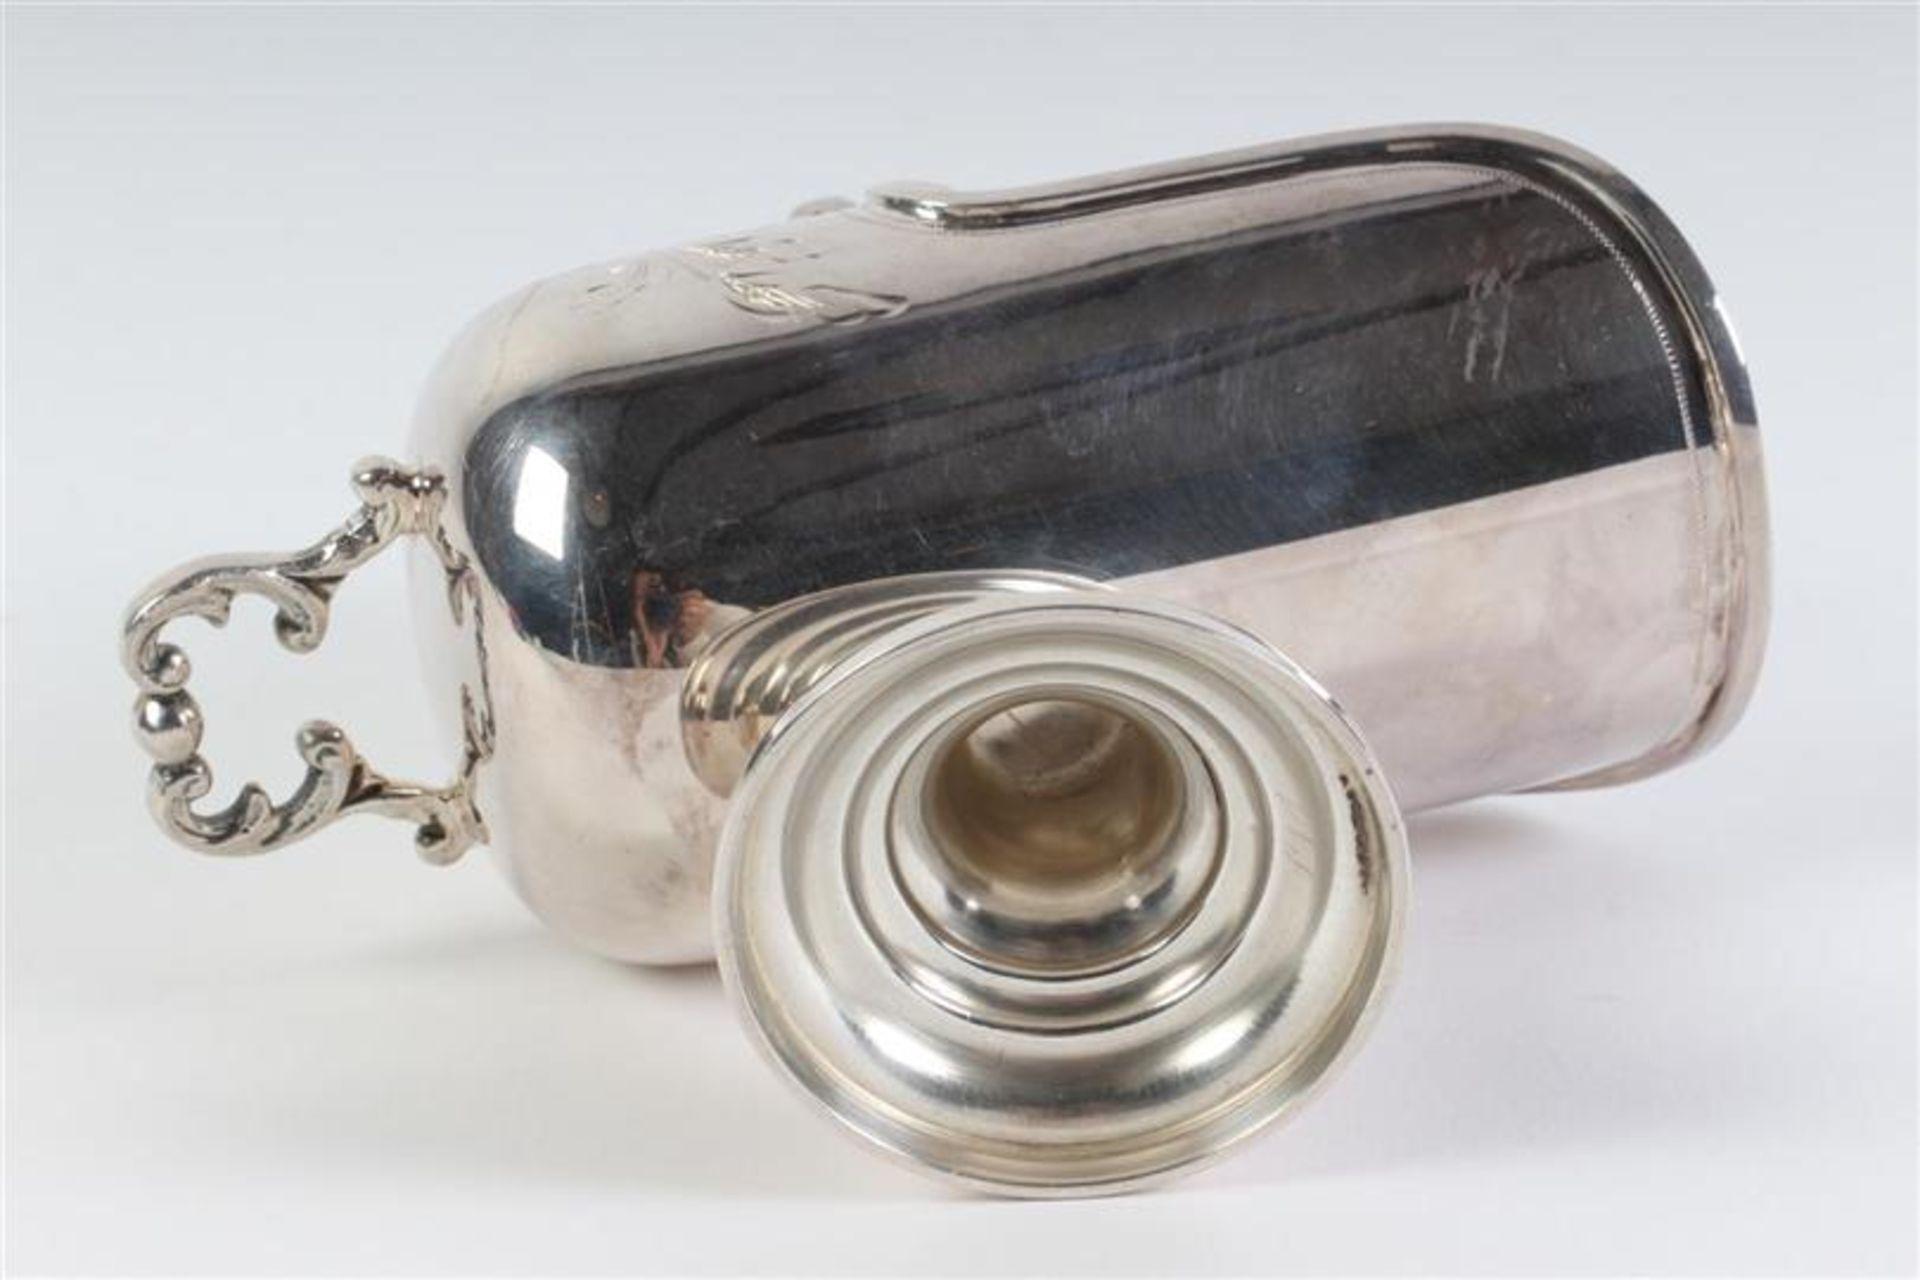 Zilveren suikerbak in de vorm van kolenkit met suikerschep. Gewicht: 190 g. - Bild 4 aus 6